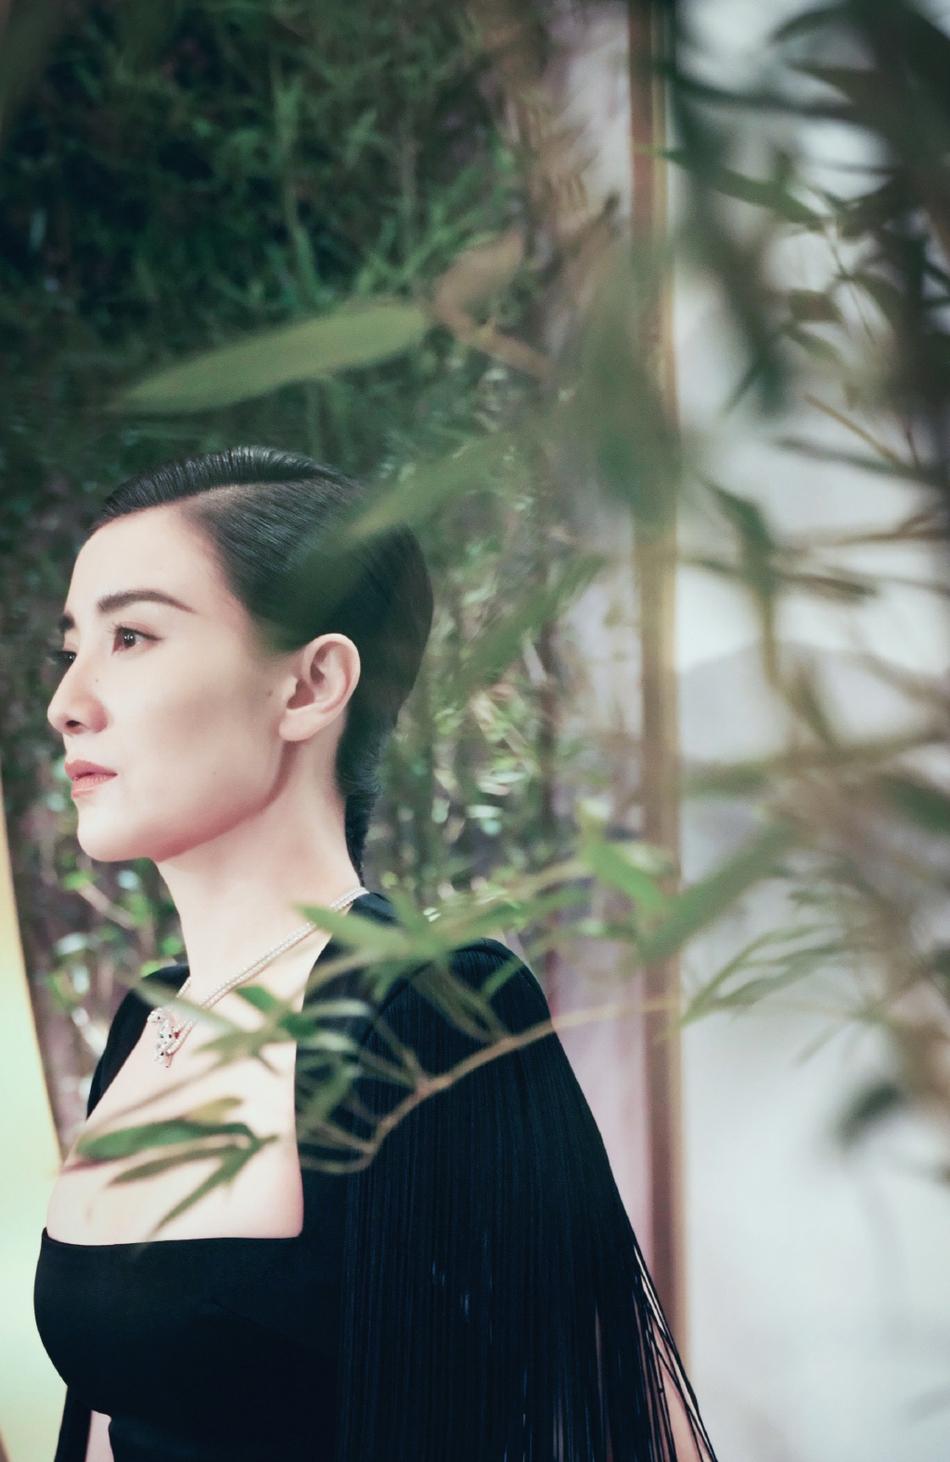 组图:宋佳黑裙写真优雅大气高级感十足 竹林下回眸似是诗画意人